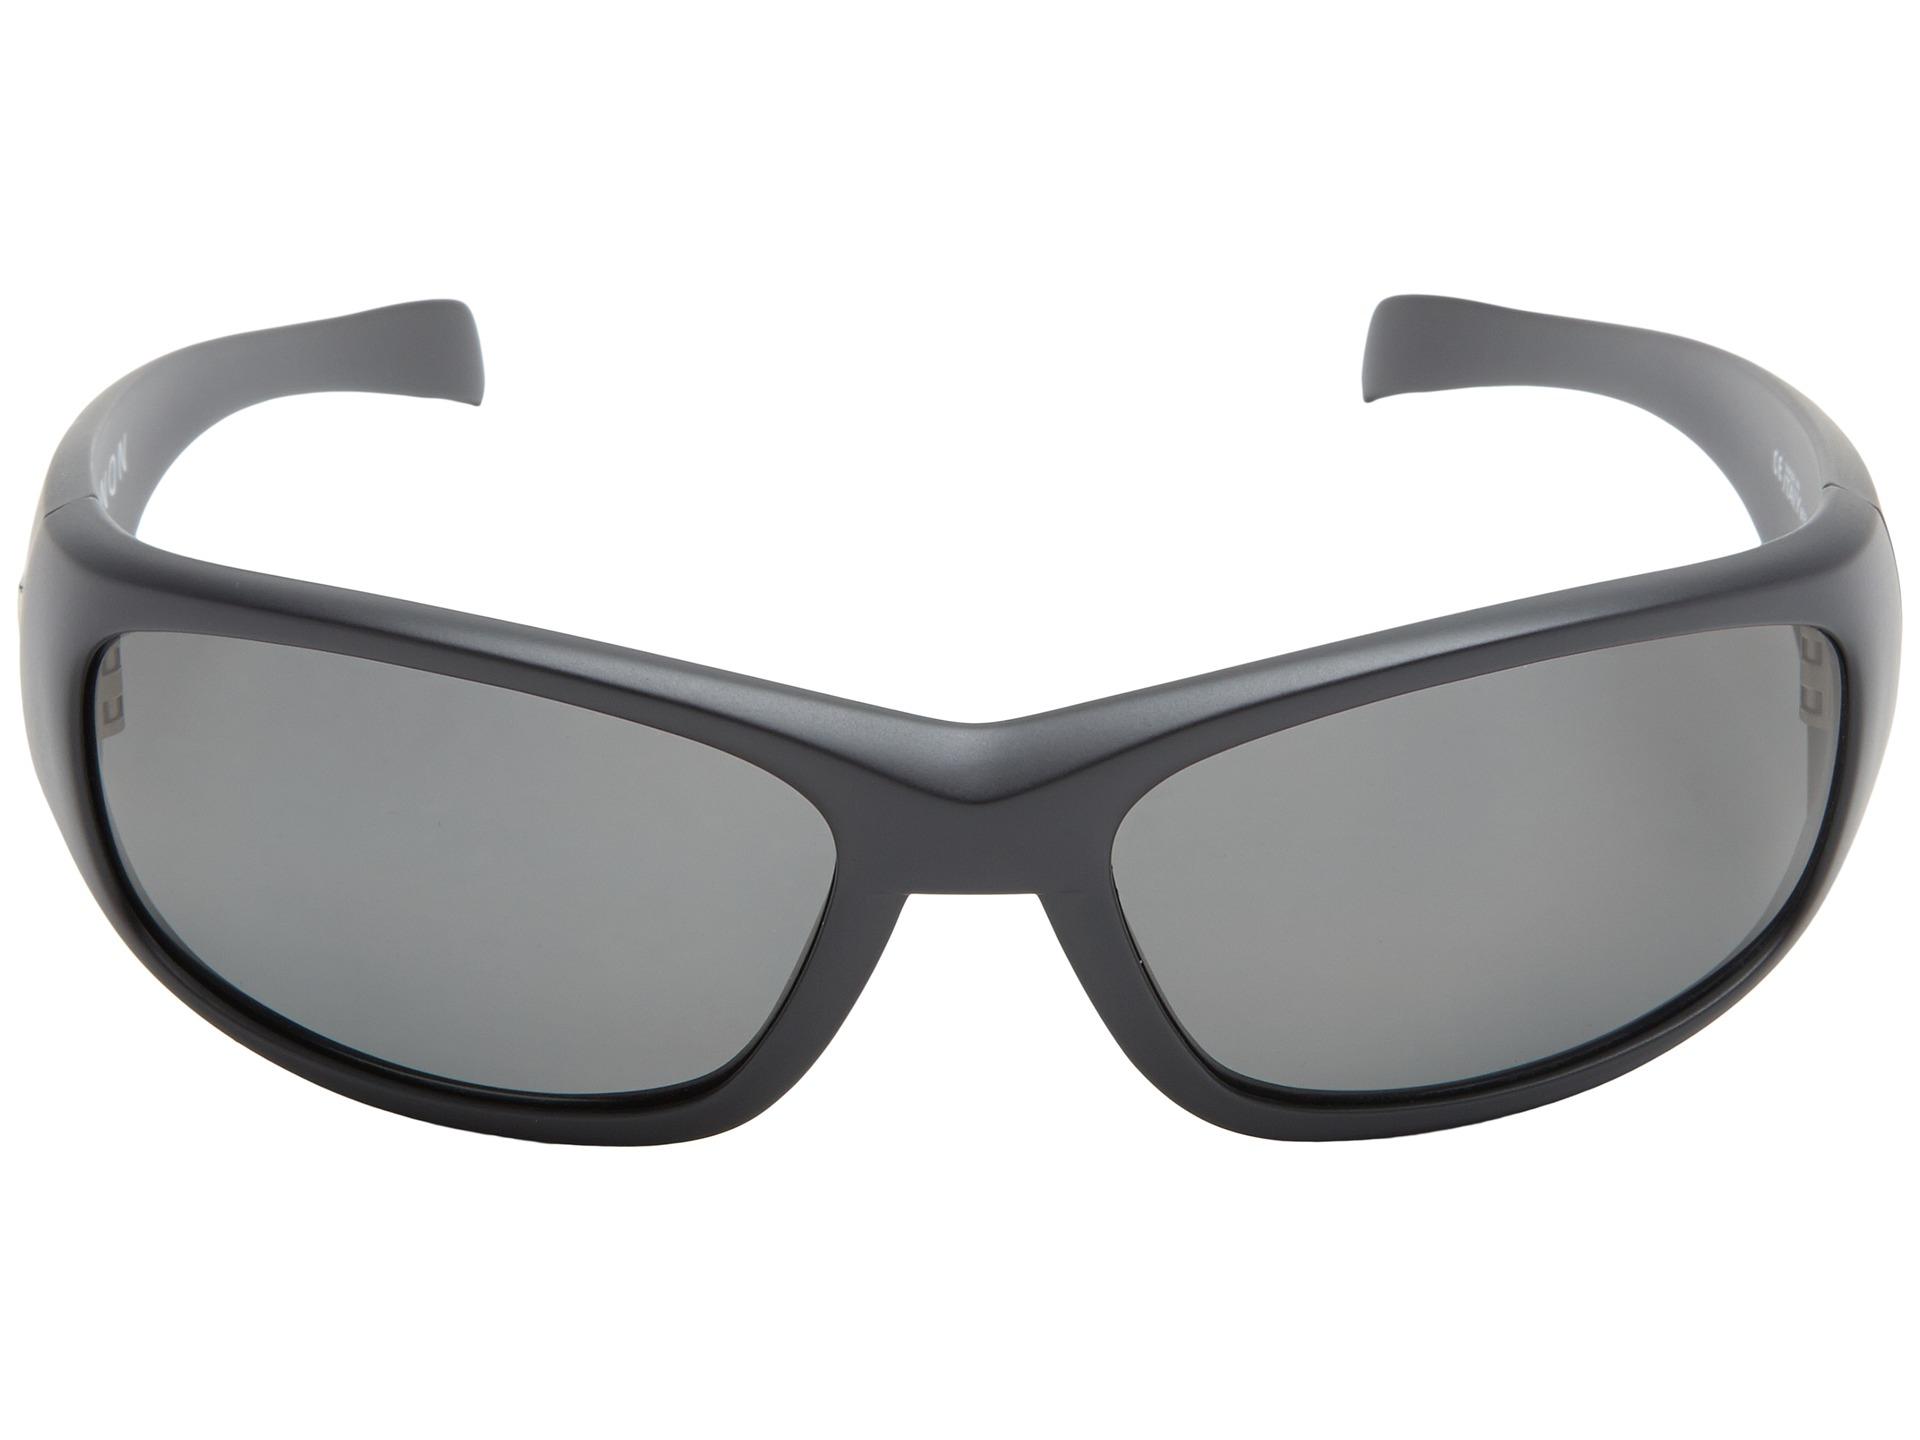 08a4c8f02ead Lyst - Kaenon Rhino Sr91 (polarized) in Black for Men